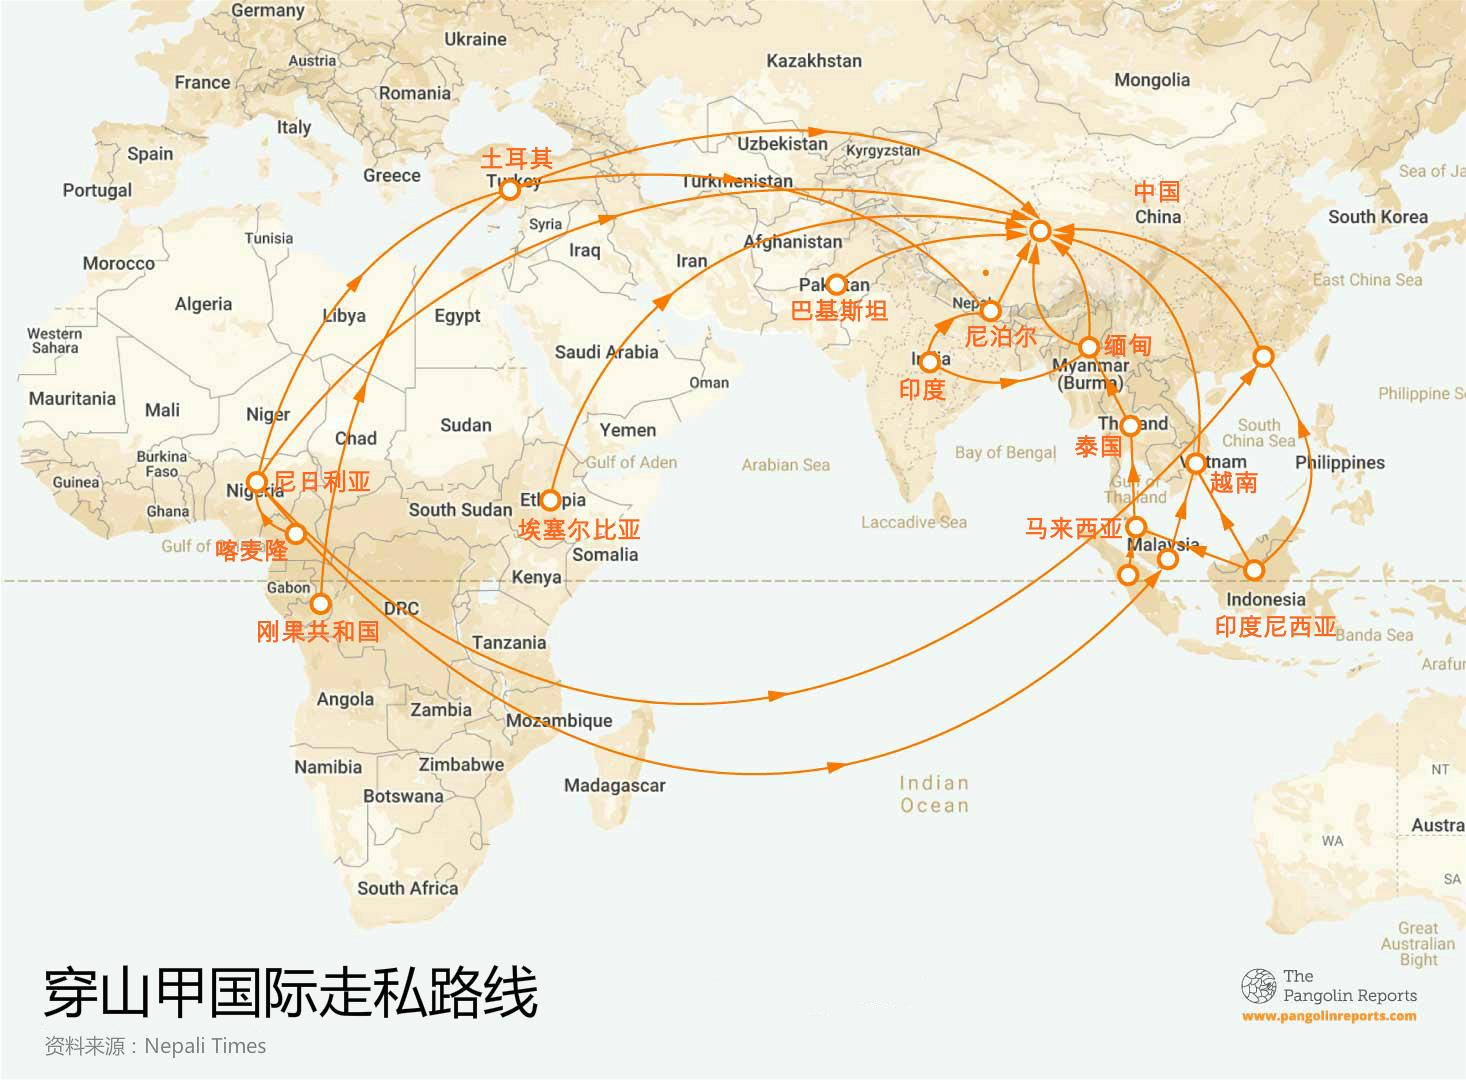 穿山甲国际走私路线图